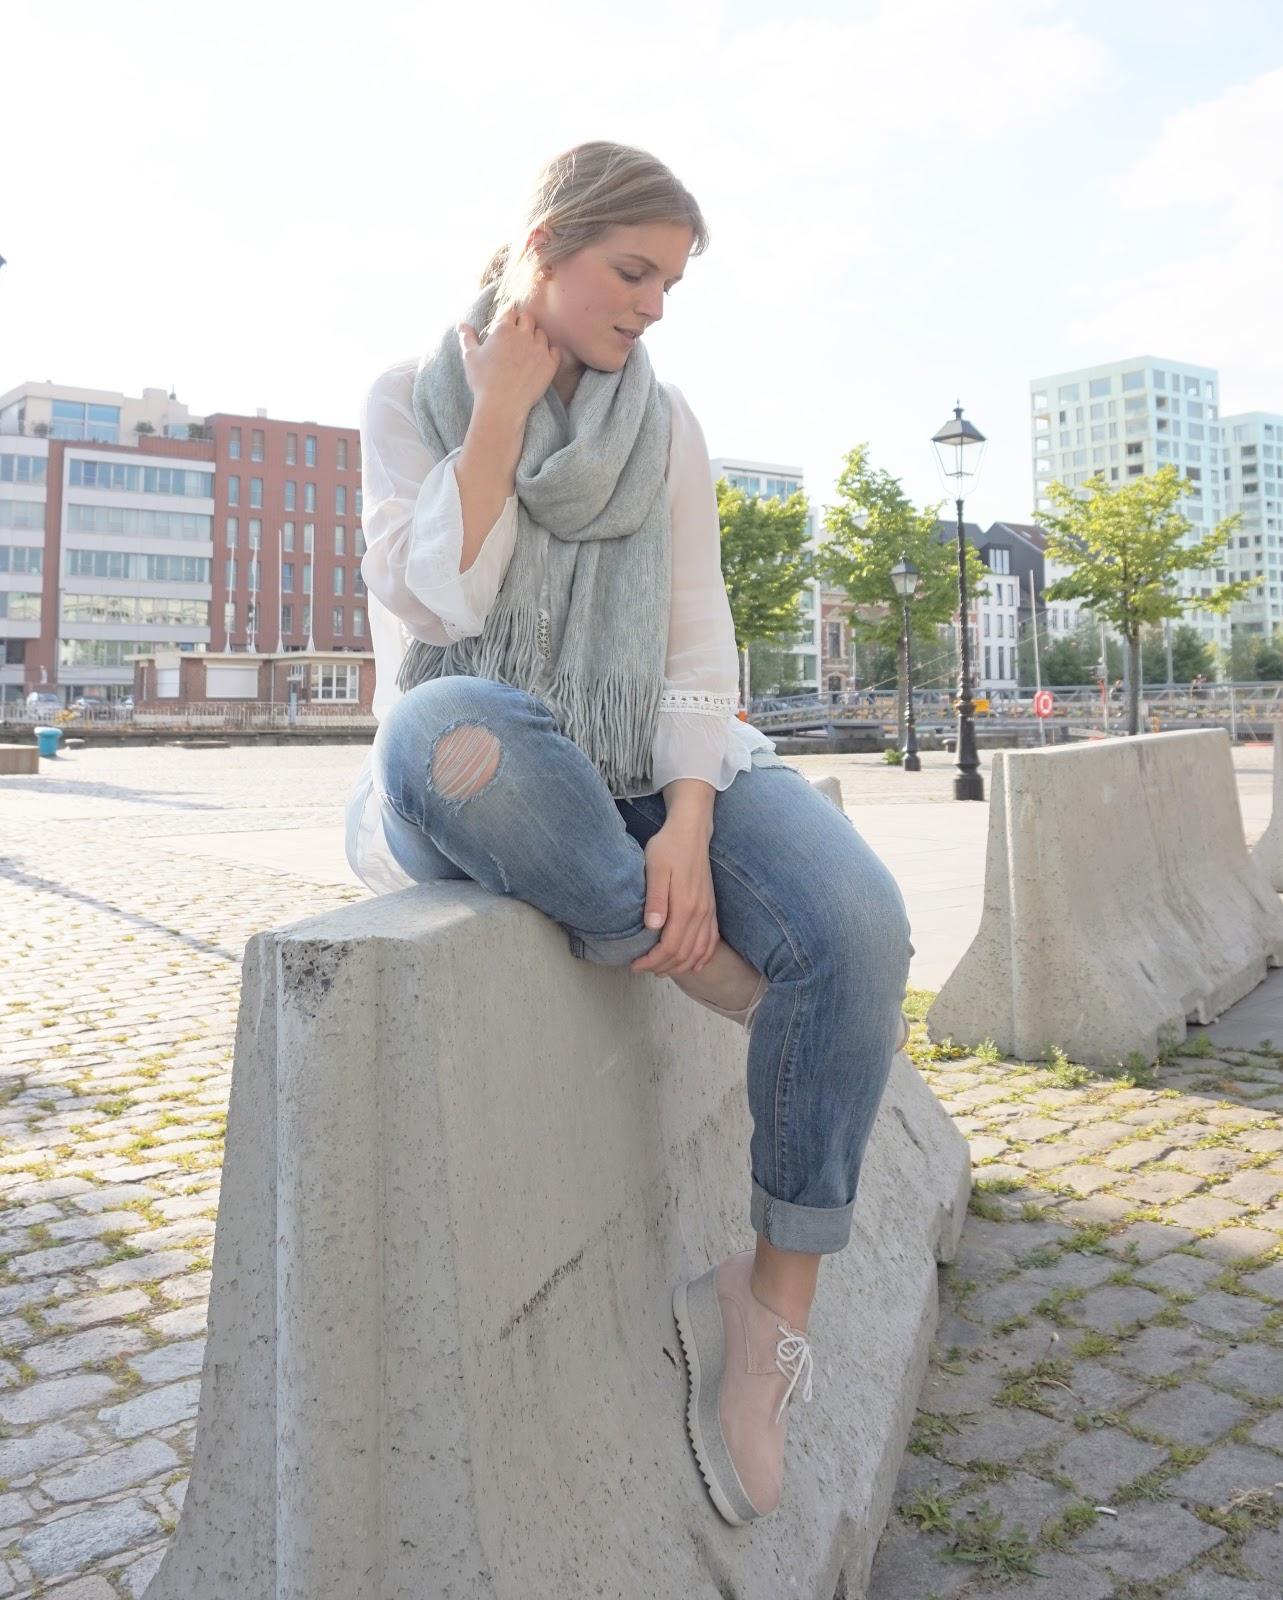 DSC06538 | Eline Van Dingenen